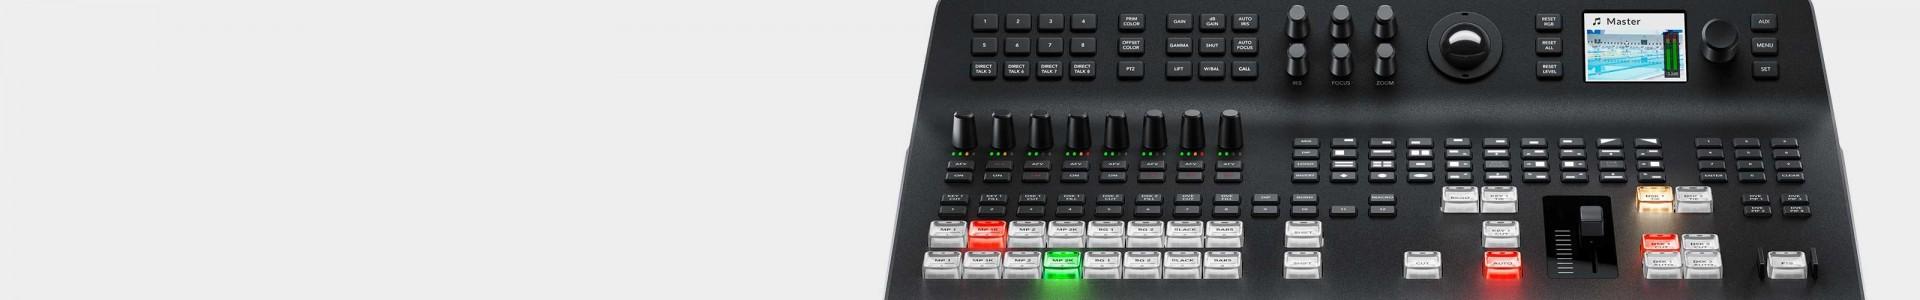 Blackmagic video mixer - Avacab distributore ufficiale